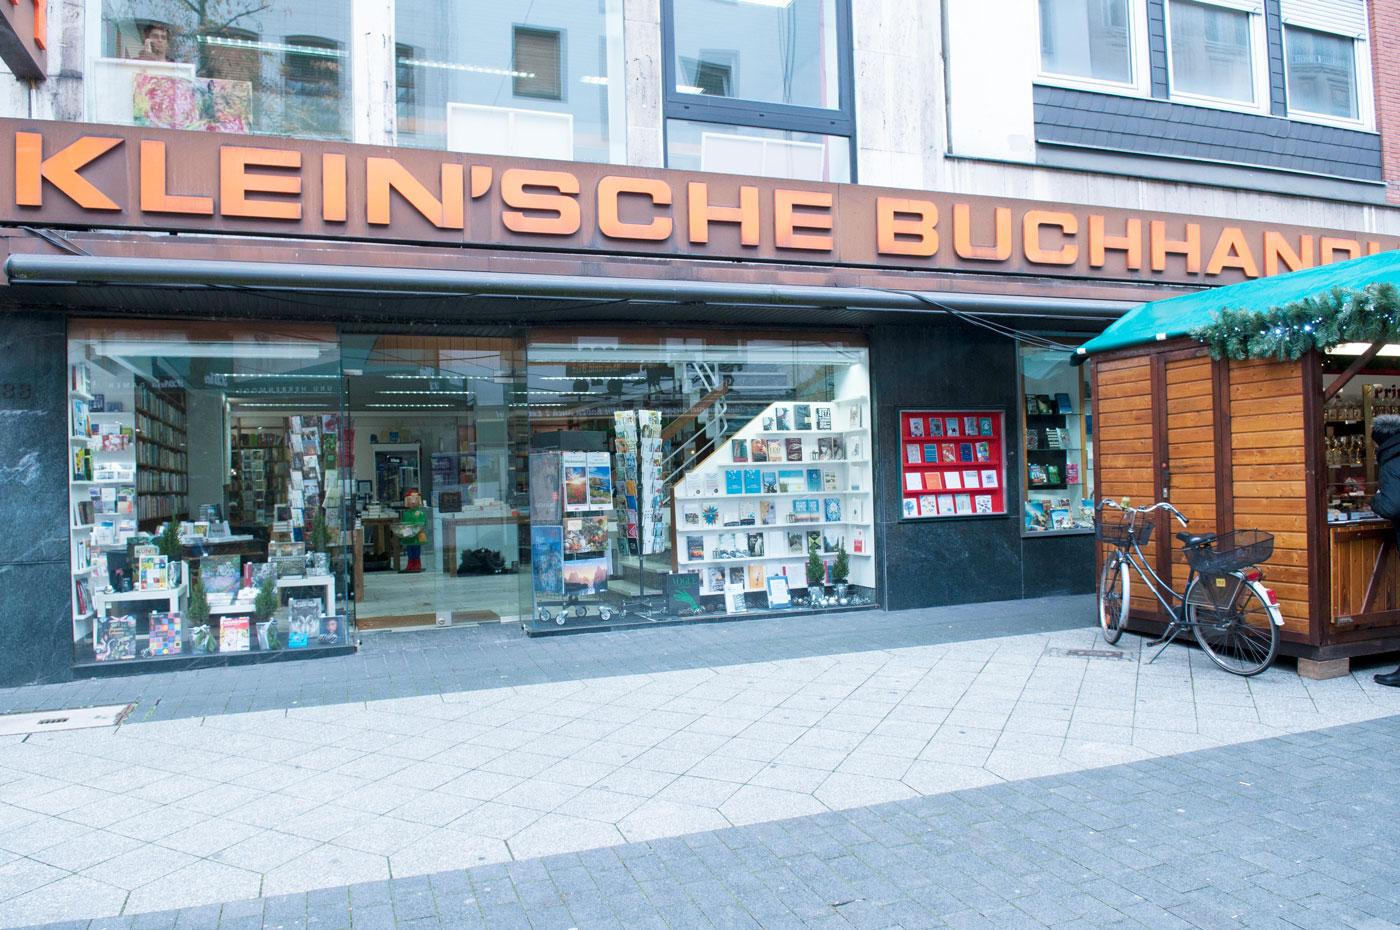 Klein'sche Buchhandlung